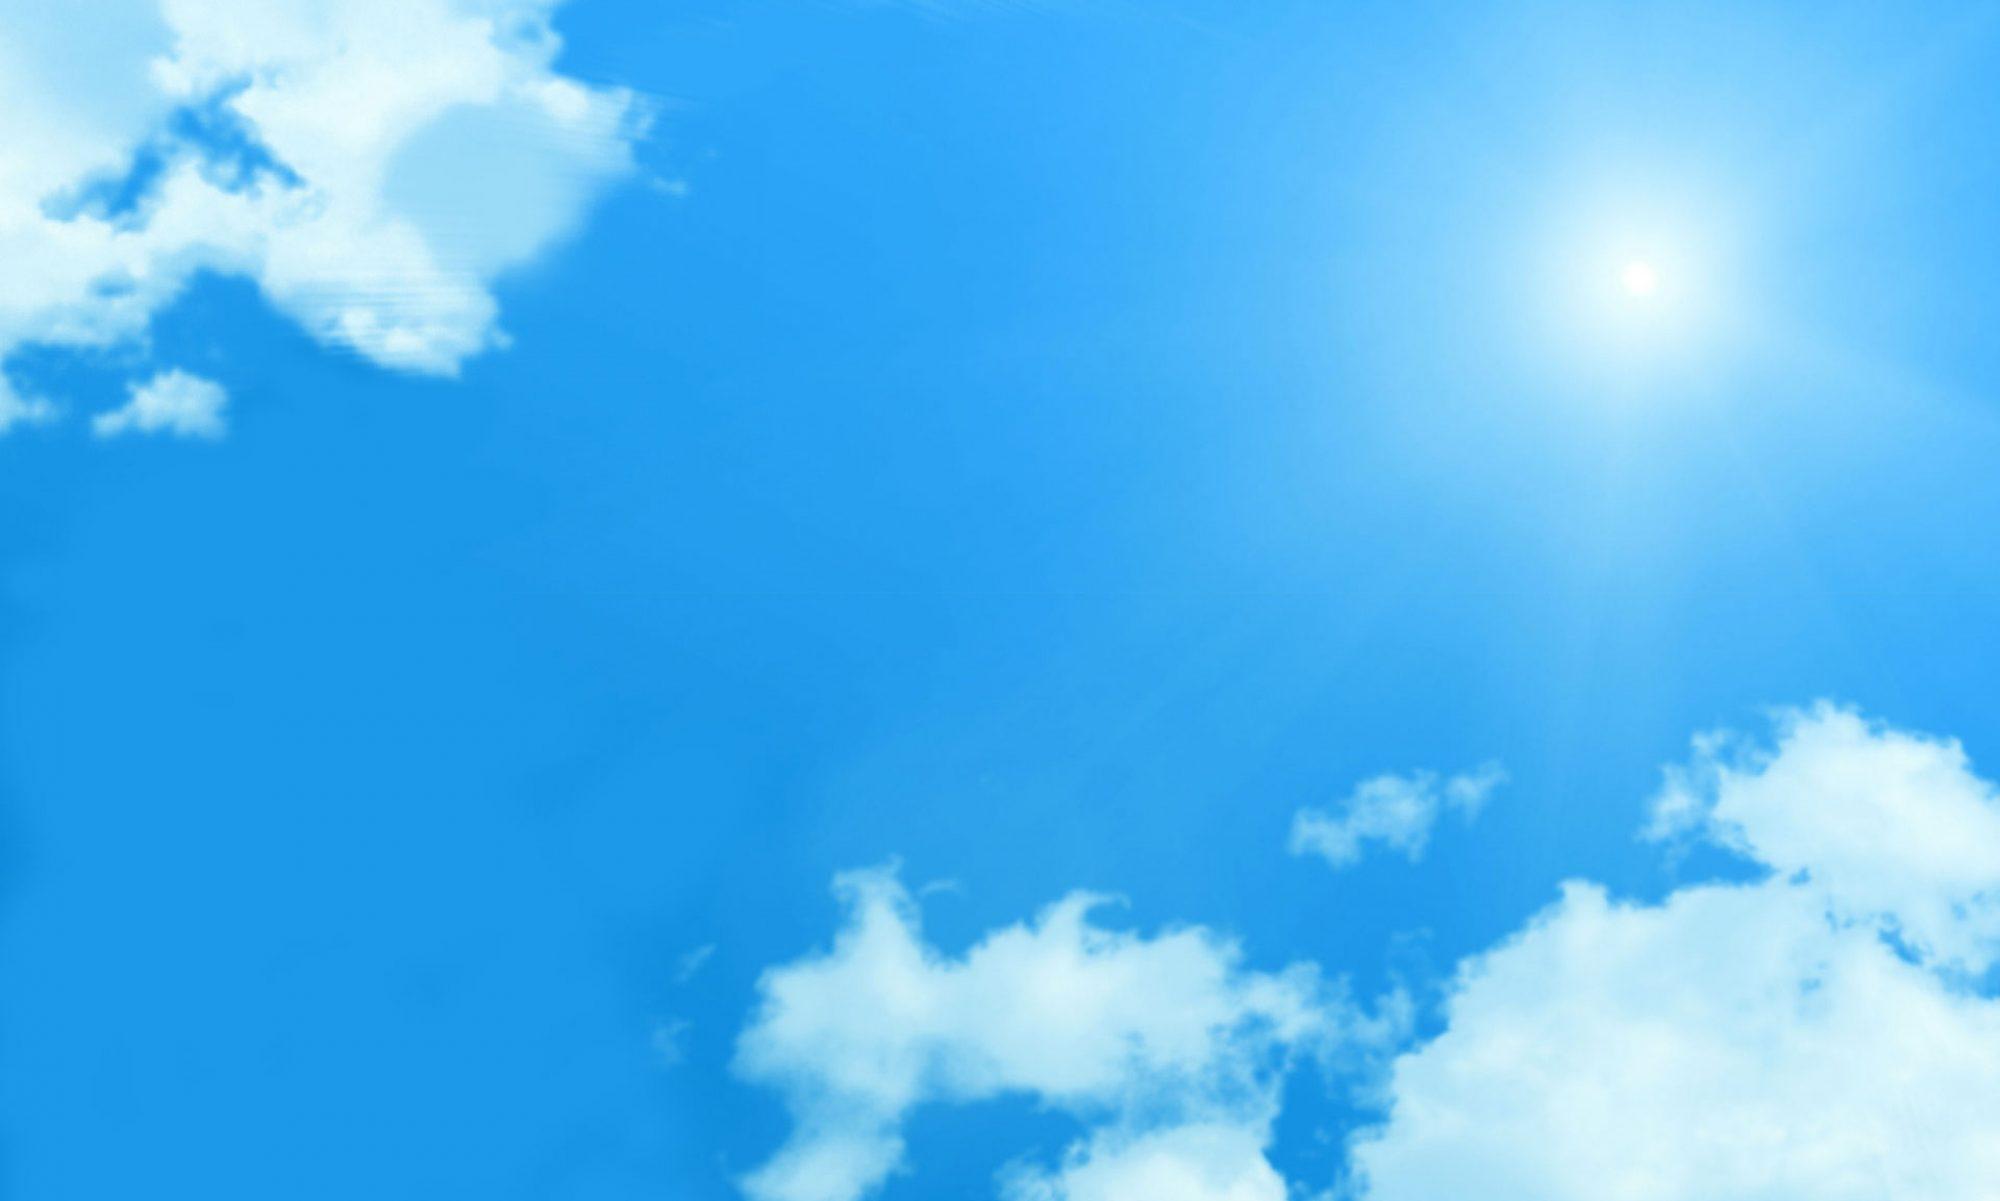 もの創り、ソフトウェア開発、新概念「エアクリーン光」のご提案!